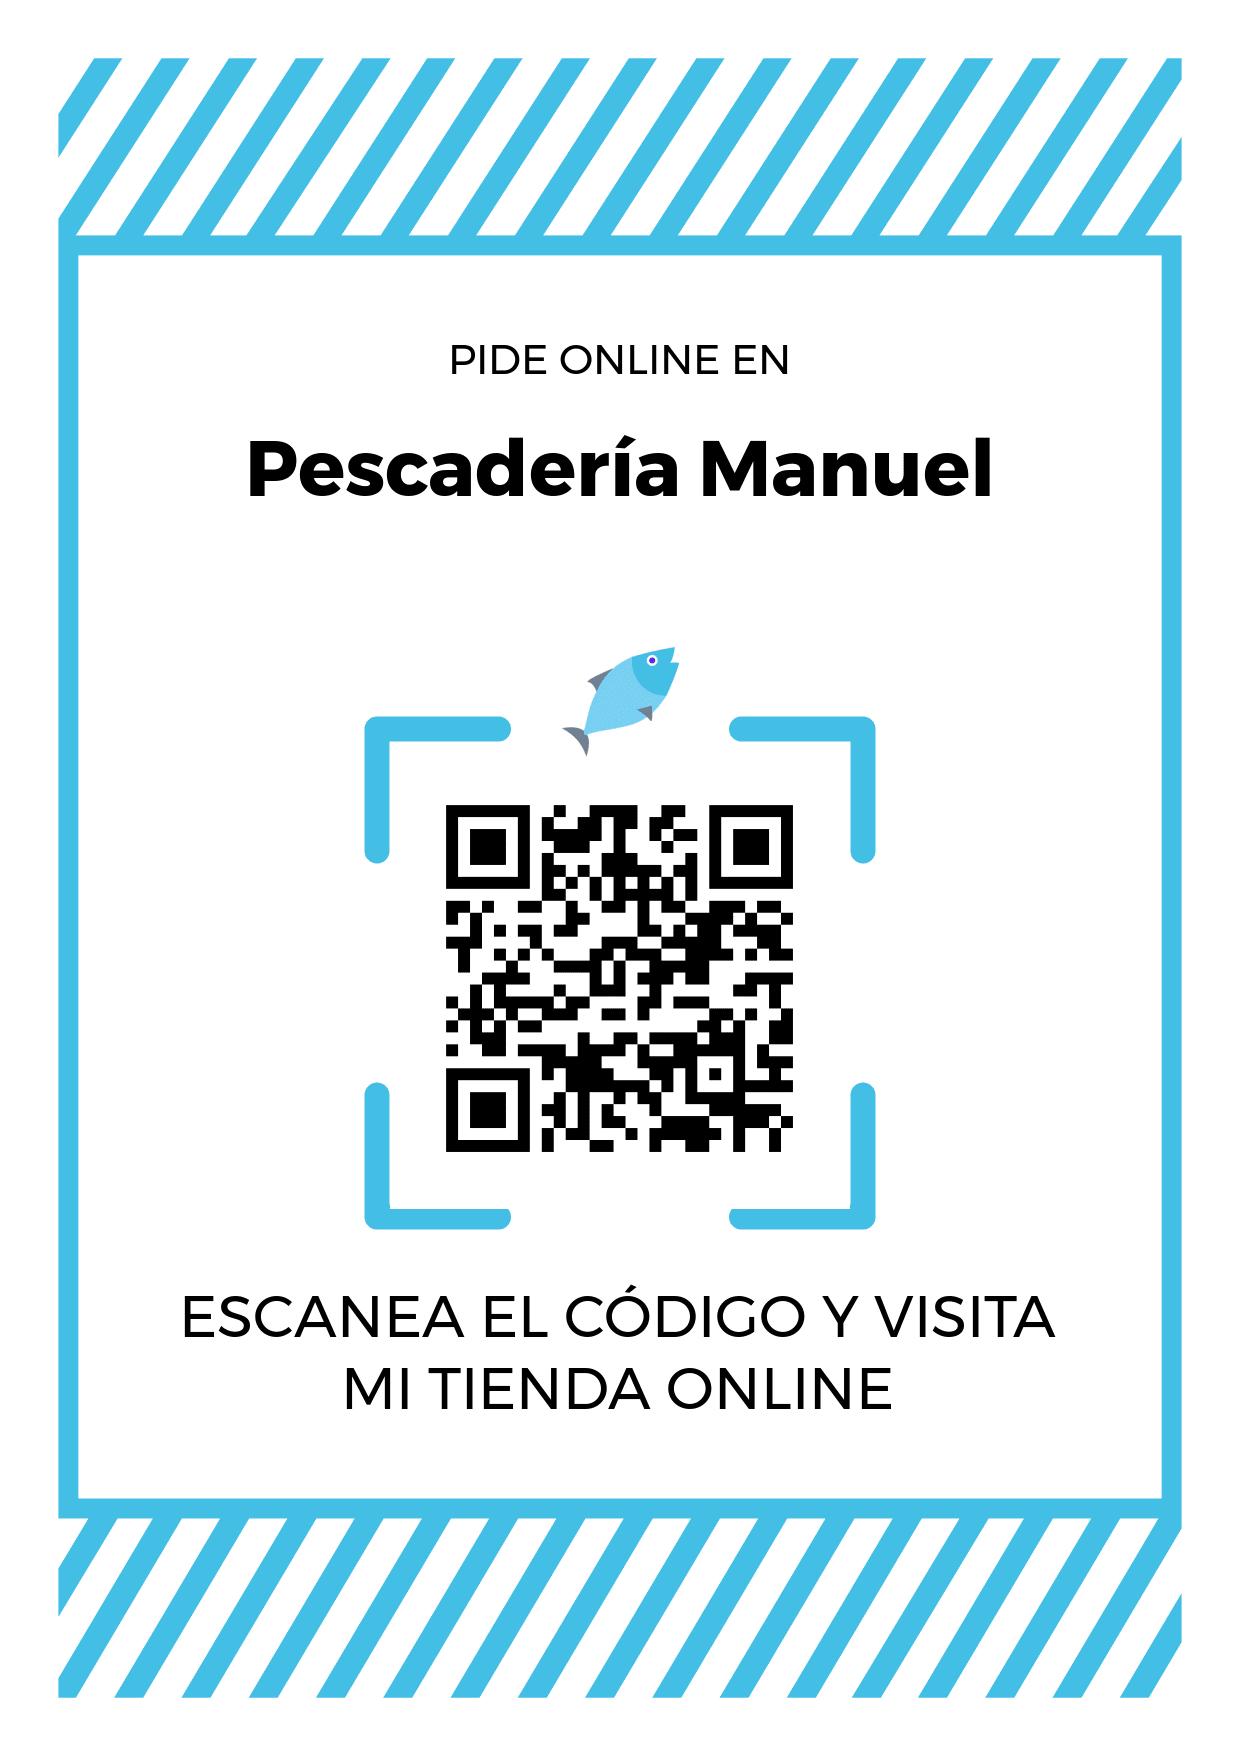 Cartel Póster de Código QR para tienda de Pescadería